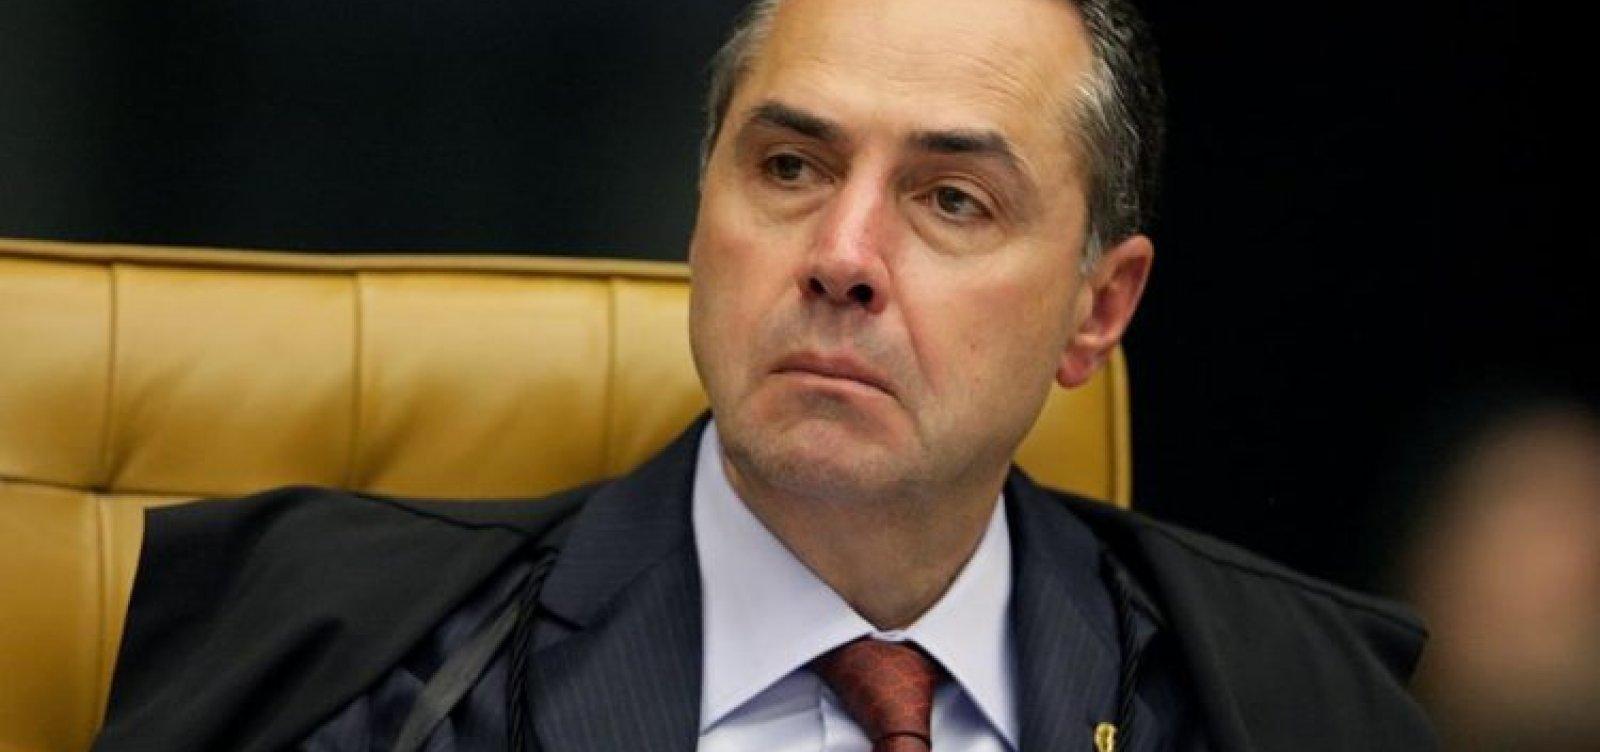 """Barroso chama Bolsonaro de """"farsante"""" e vê """"retórica vazia"""" em discurso golpista"""